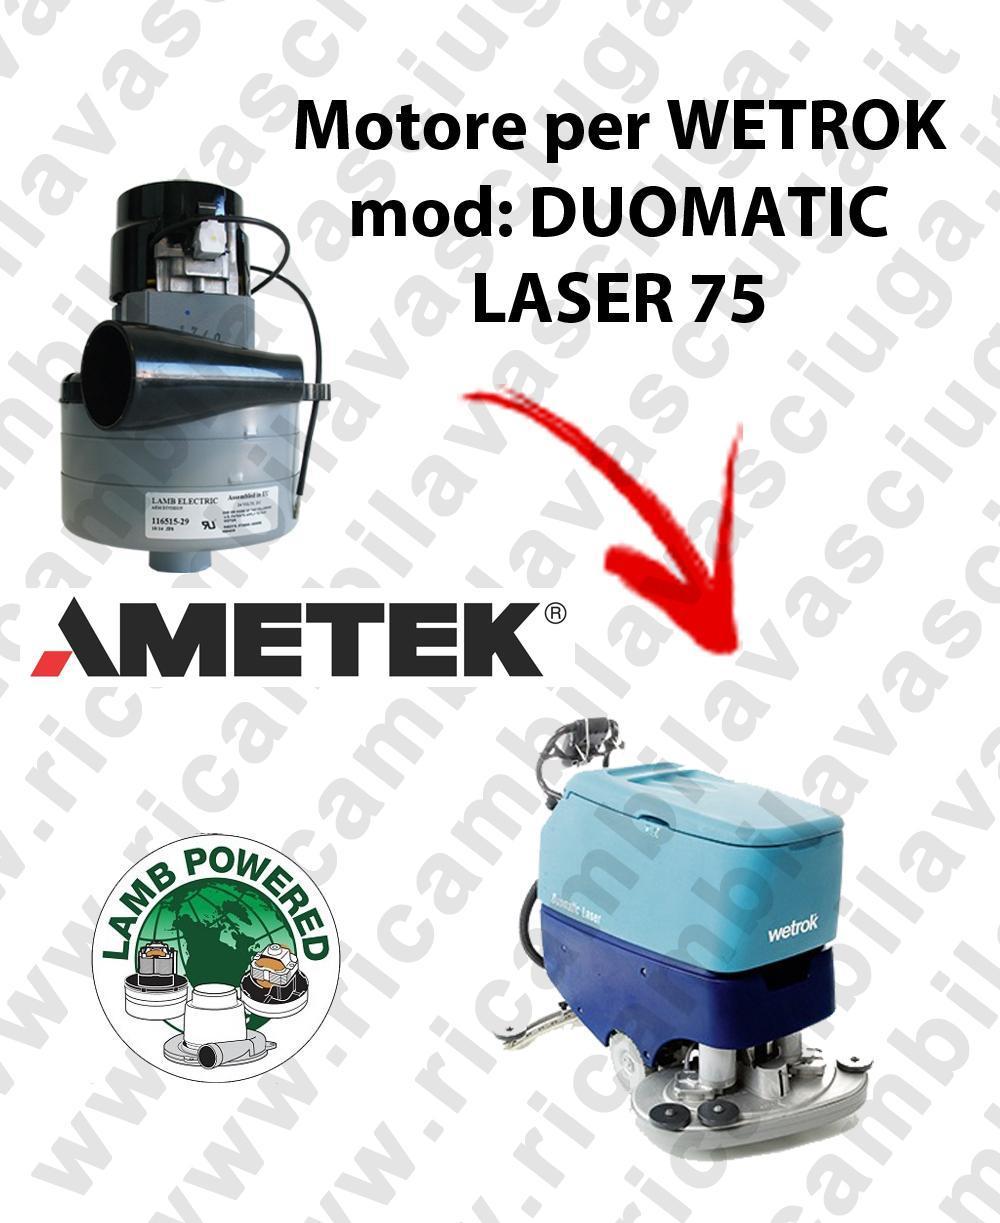 DUOMATIC LASER 75 LAMB AMETEK vacuum motor for scrubber dryer WETROK